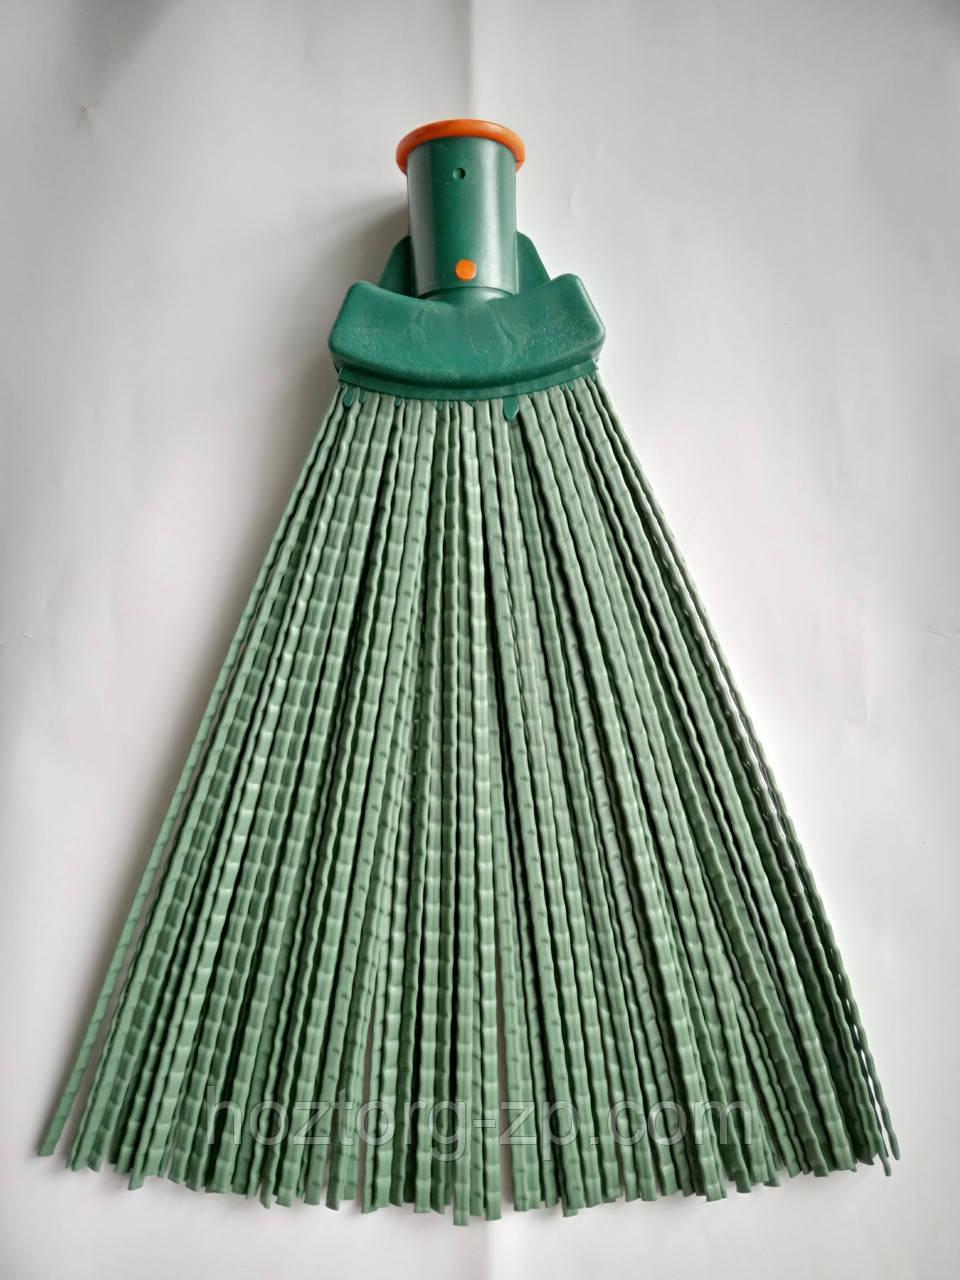 Метла веерная  жёсткая  для  уборки  улиц